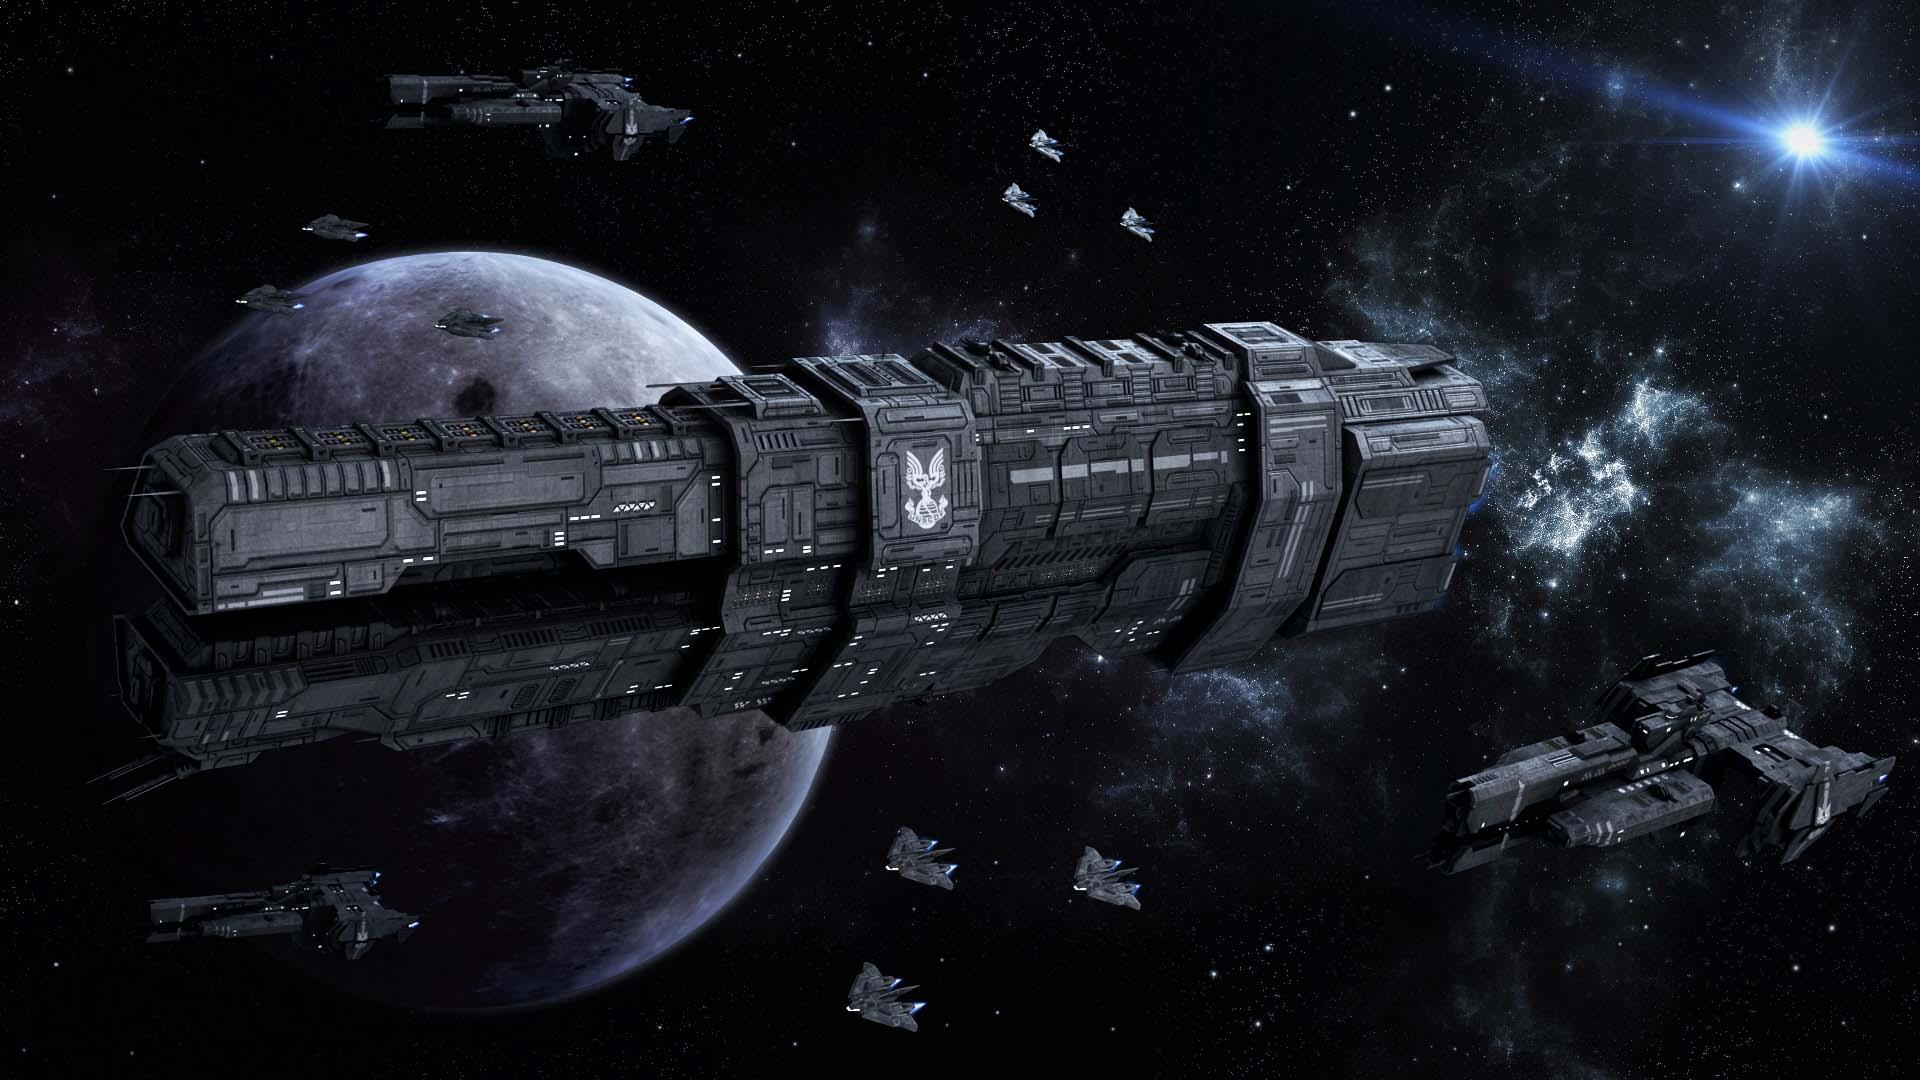 star wars star trek halo o sont les plus gros vaisseaux spatiaux pop culture numerama. Black Bedroom Furniture Sets. Home Design Ideas